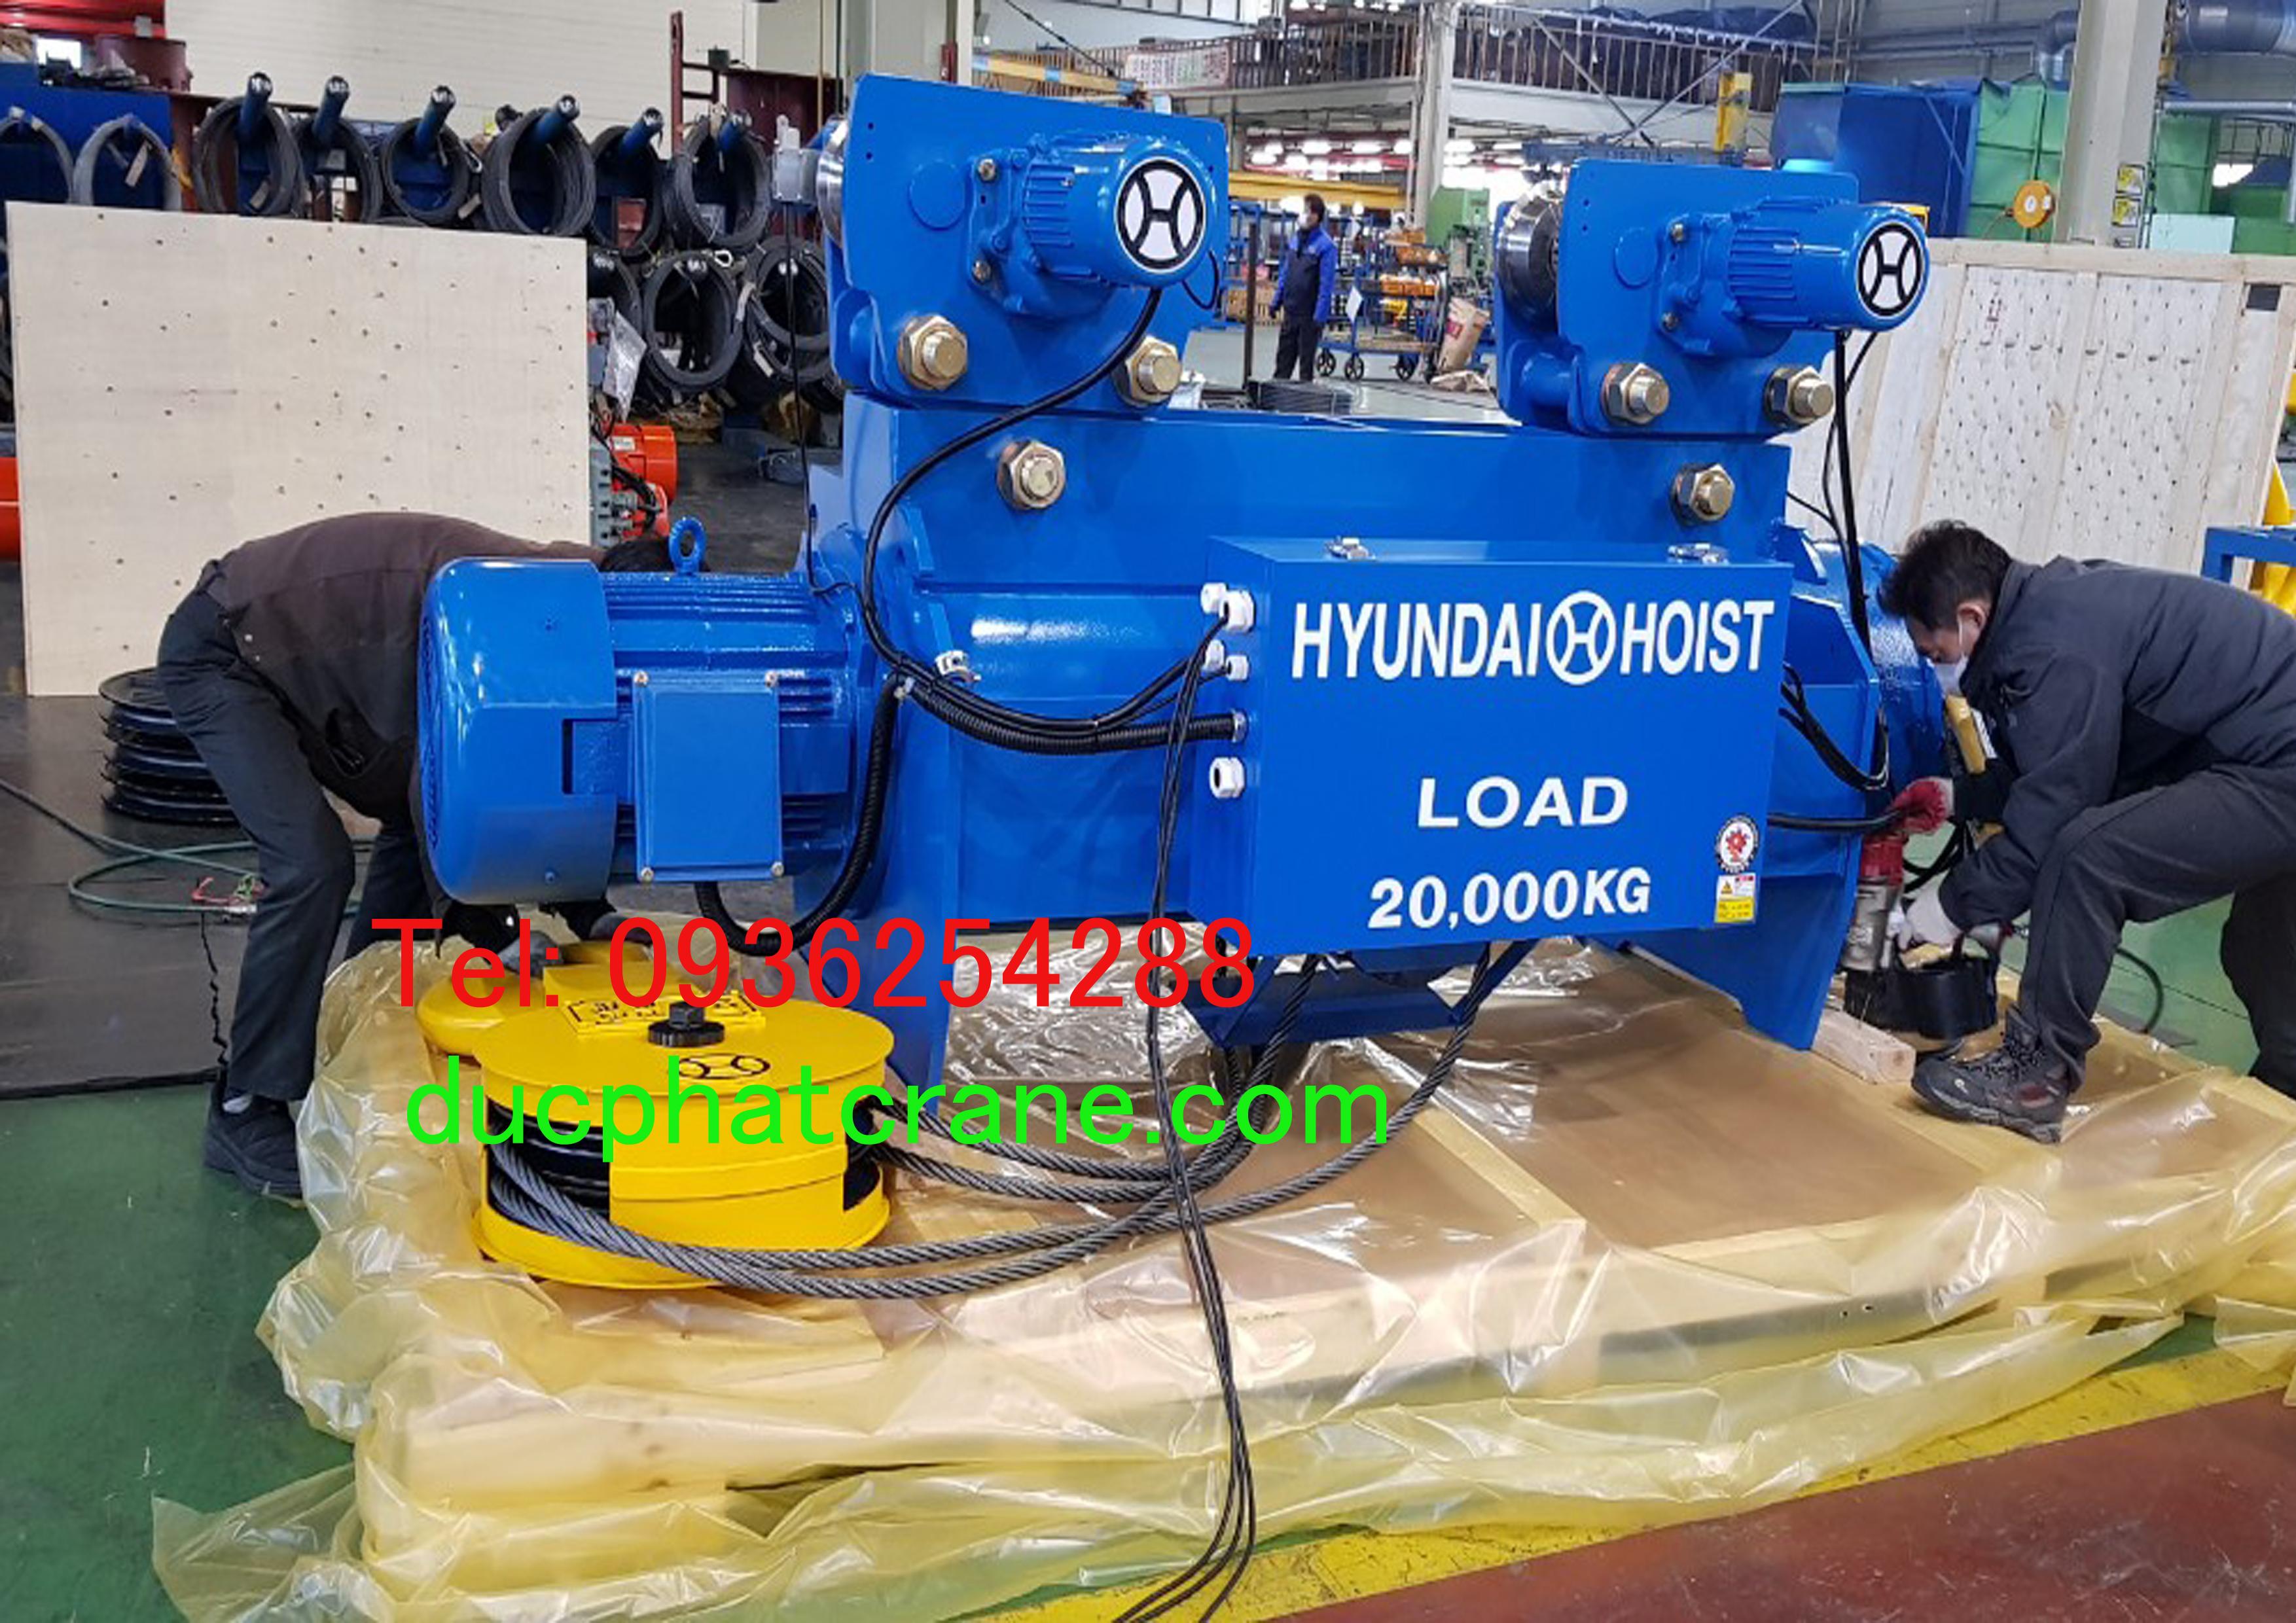 Pa lăng cáp điện Huyndai dầm đơn 7.5 tấn- 10 tấn - 15 tấn - 20 tấn